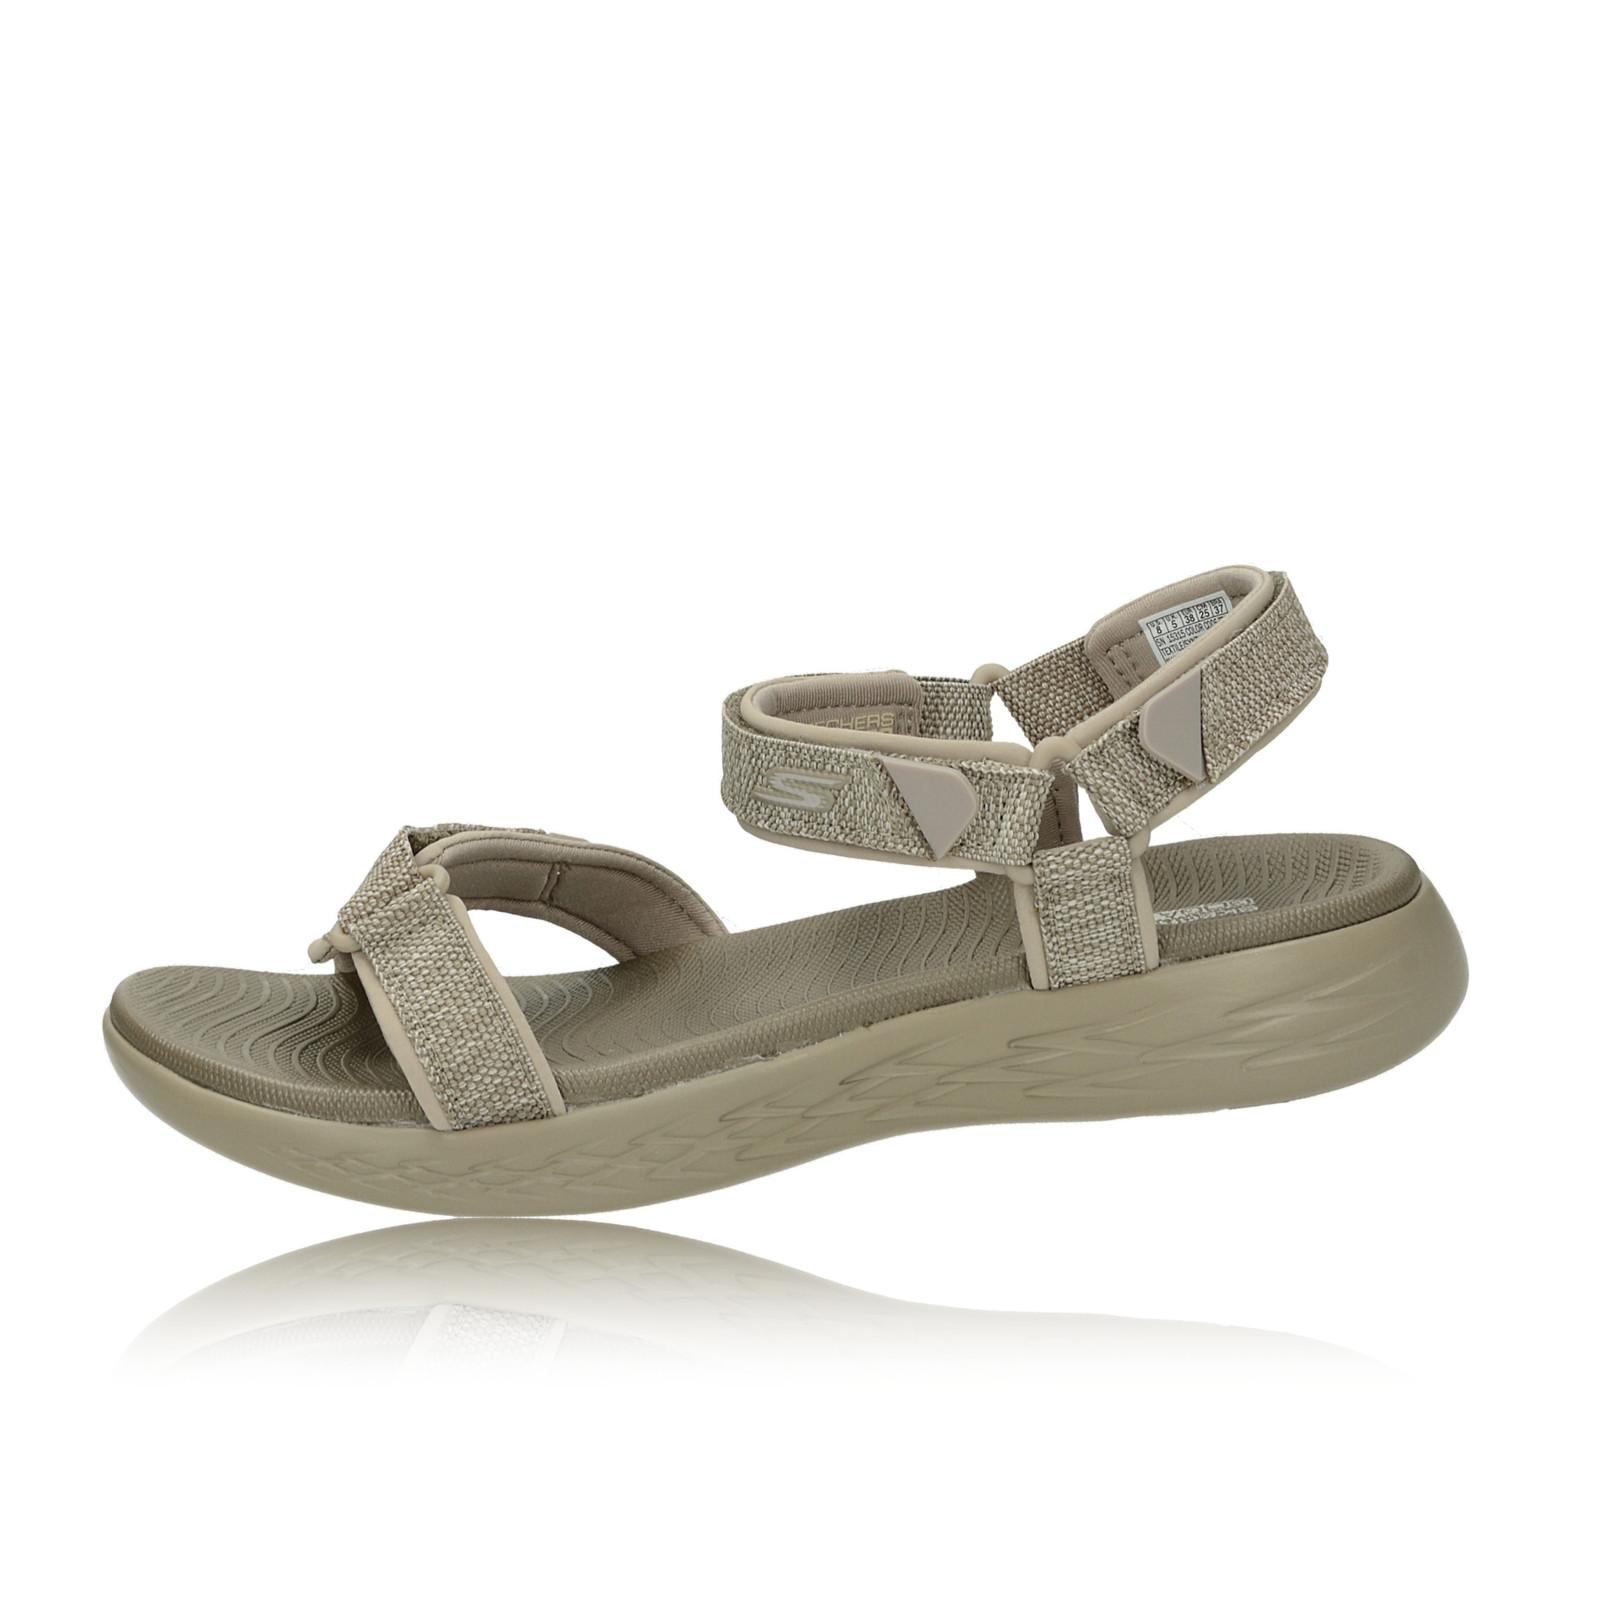 9634f8366283 Skechers dámske pohodlné sandále - hnedé Skechers dámske pohodlné sandále -  hnedé ...